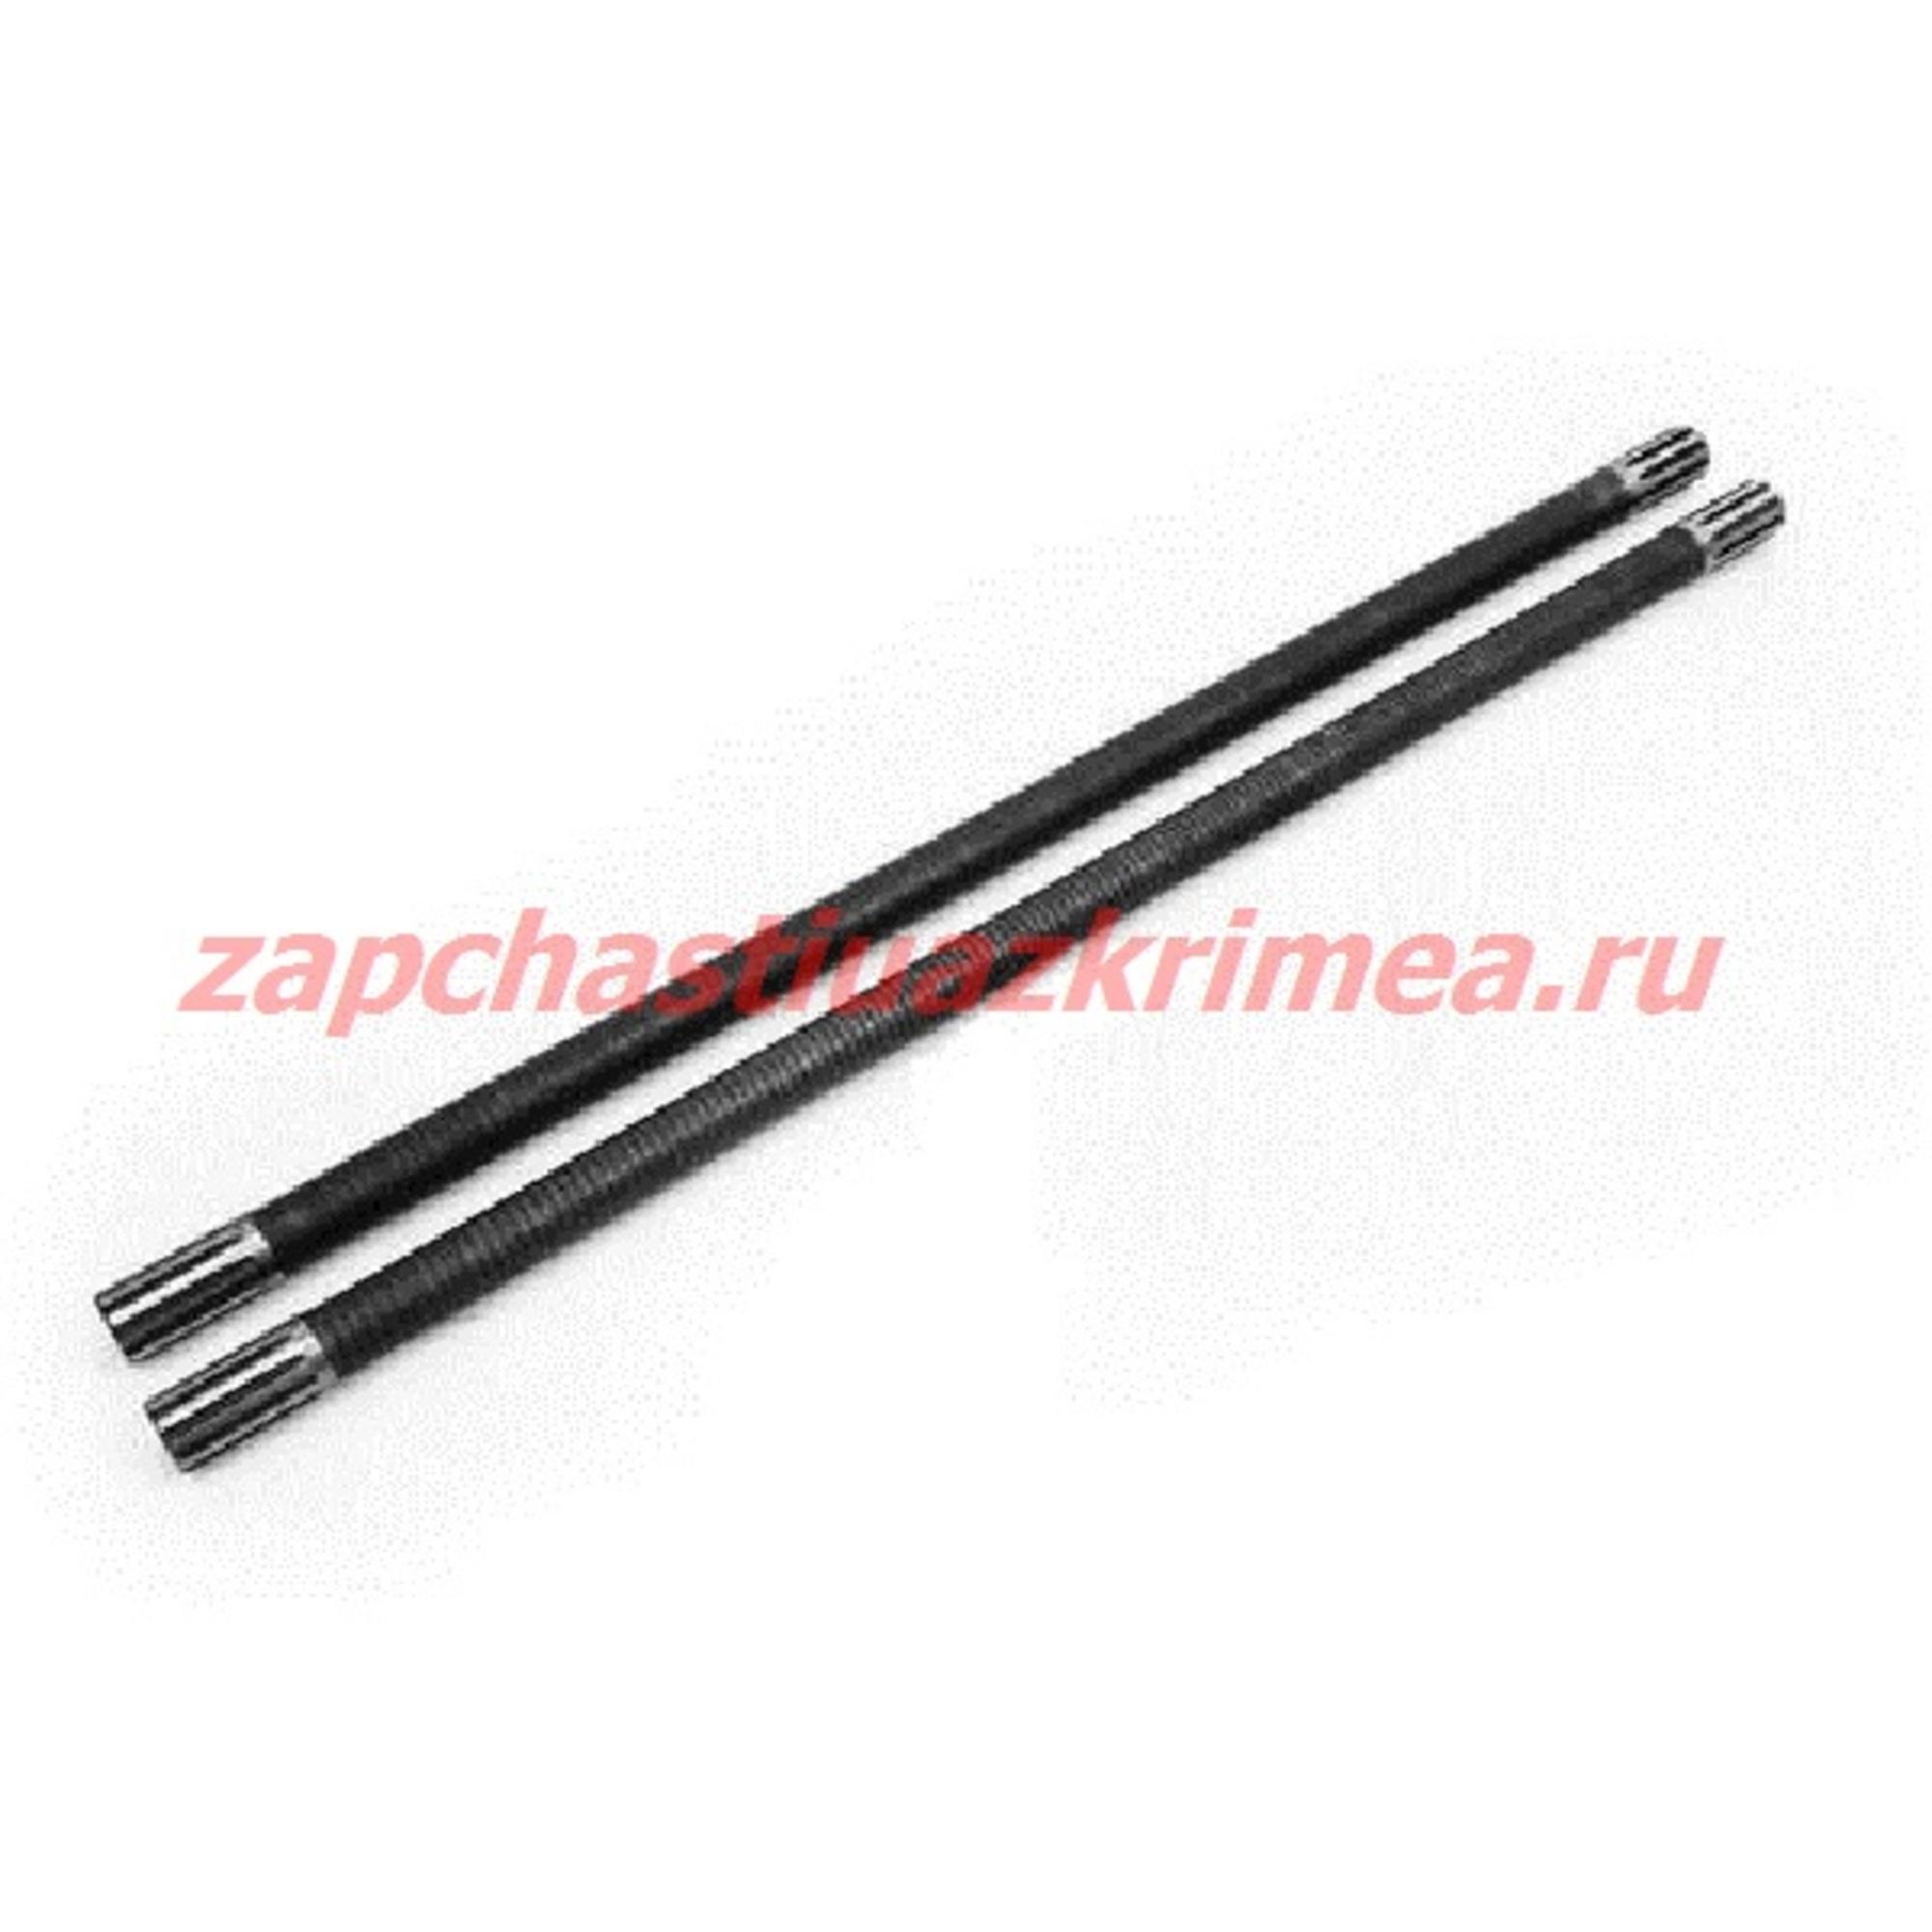 Комплект полуосей усиленных задний мост УАЗ 922/922 (Бронто)